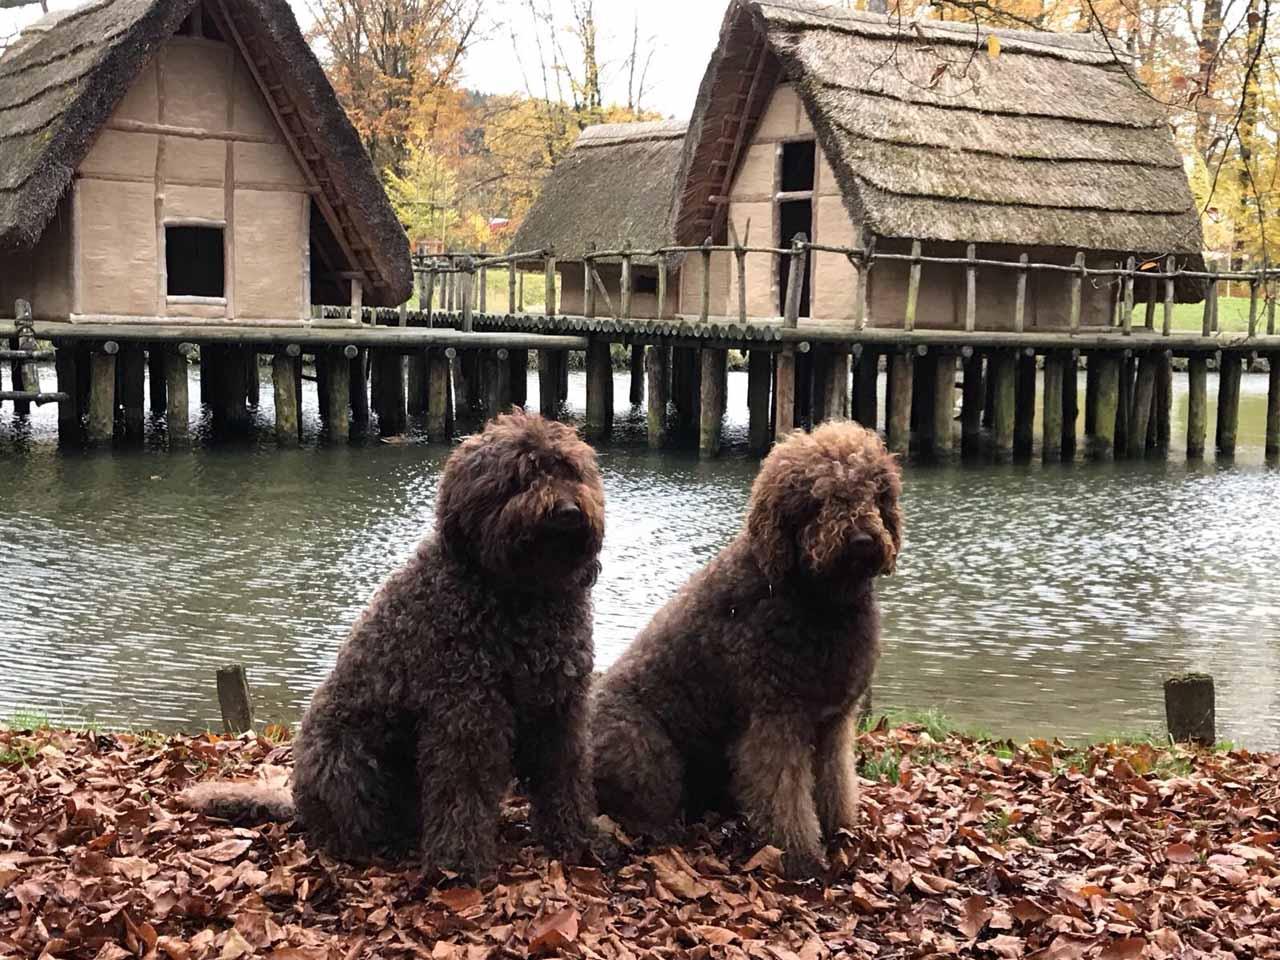 Glori und Gloris Oma Ginger besuchen den Bally-Park Schönenwerd